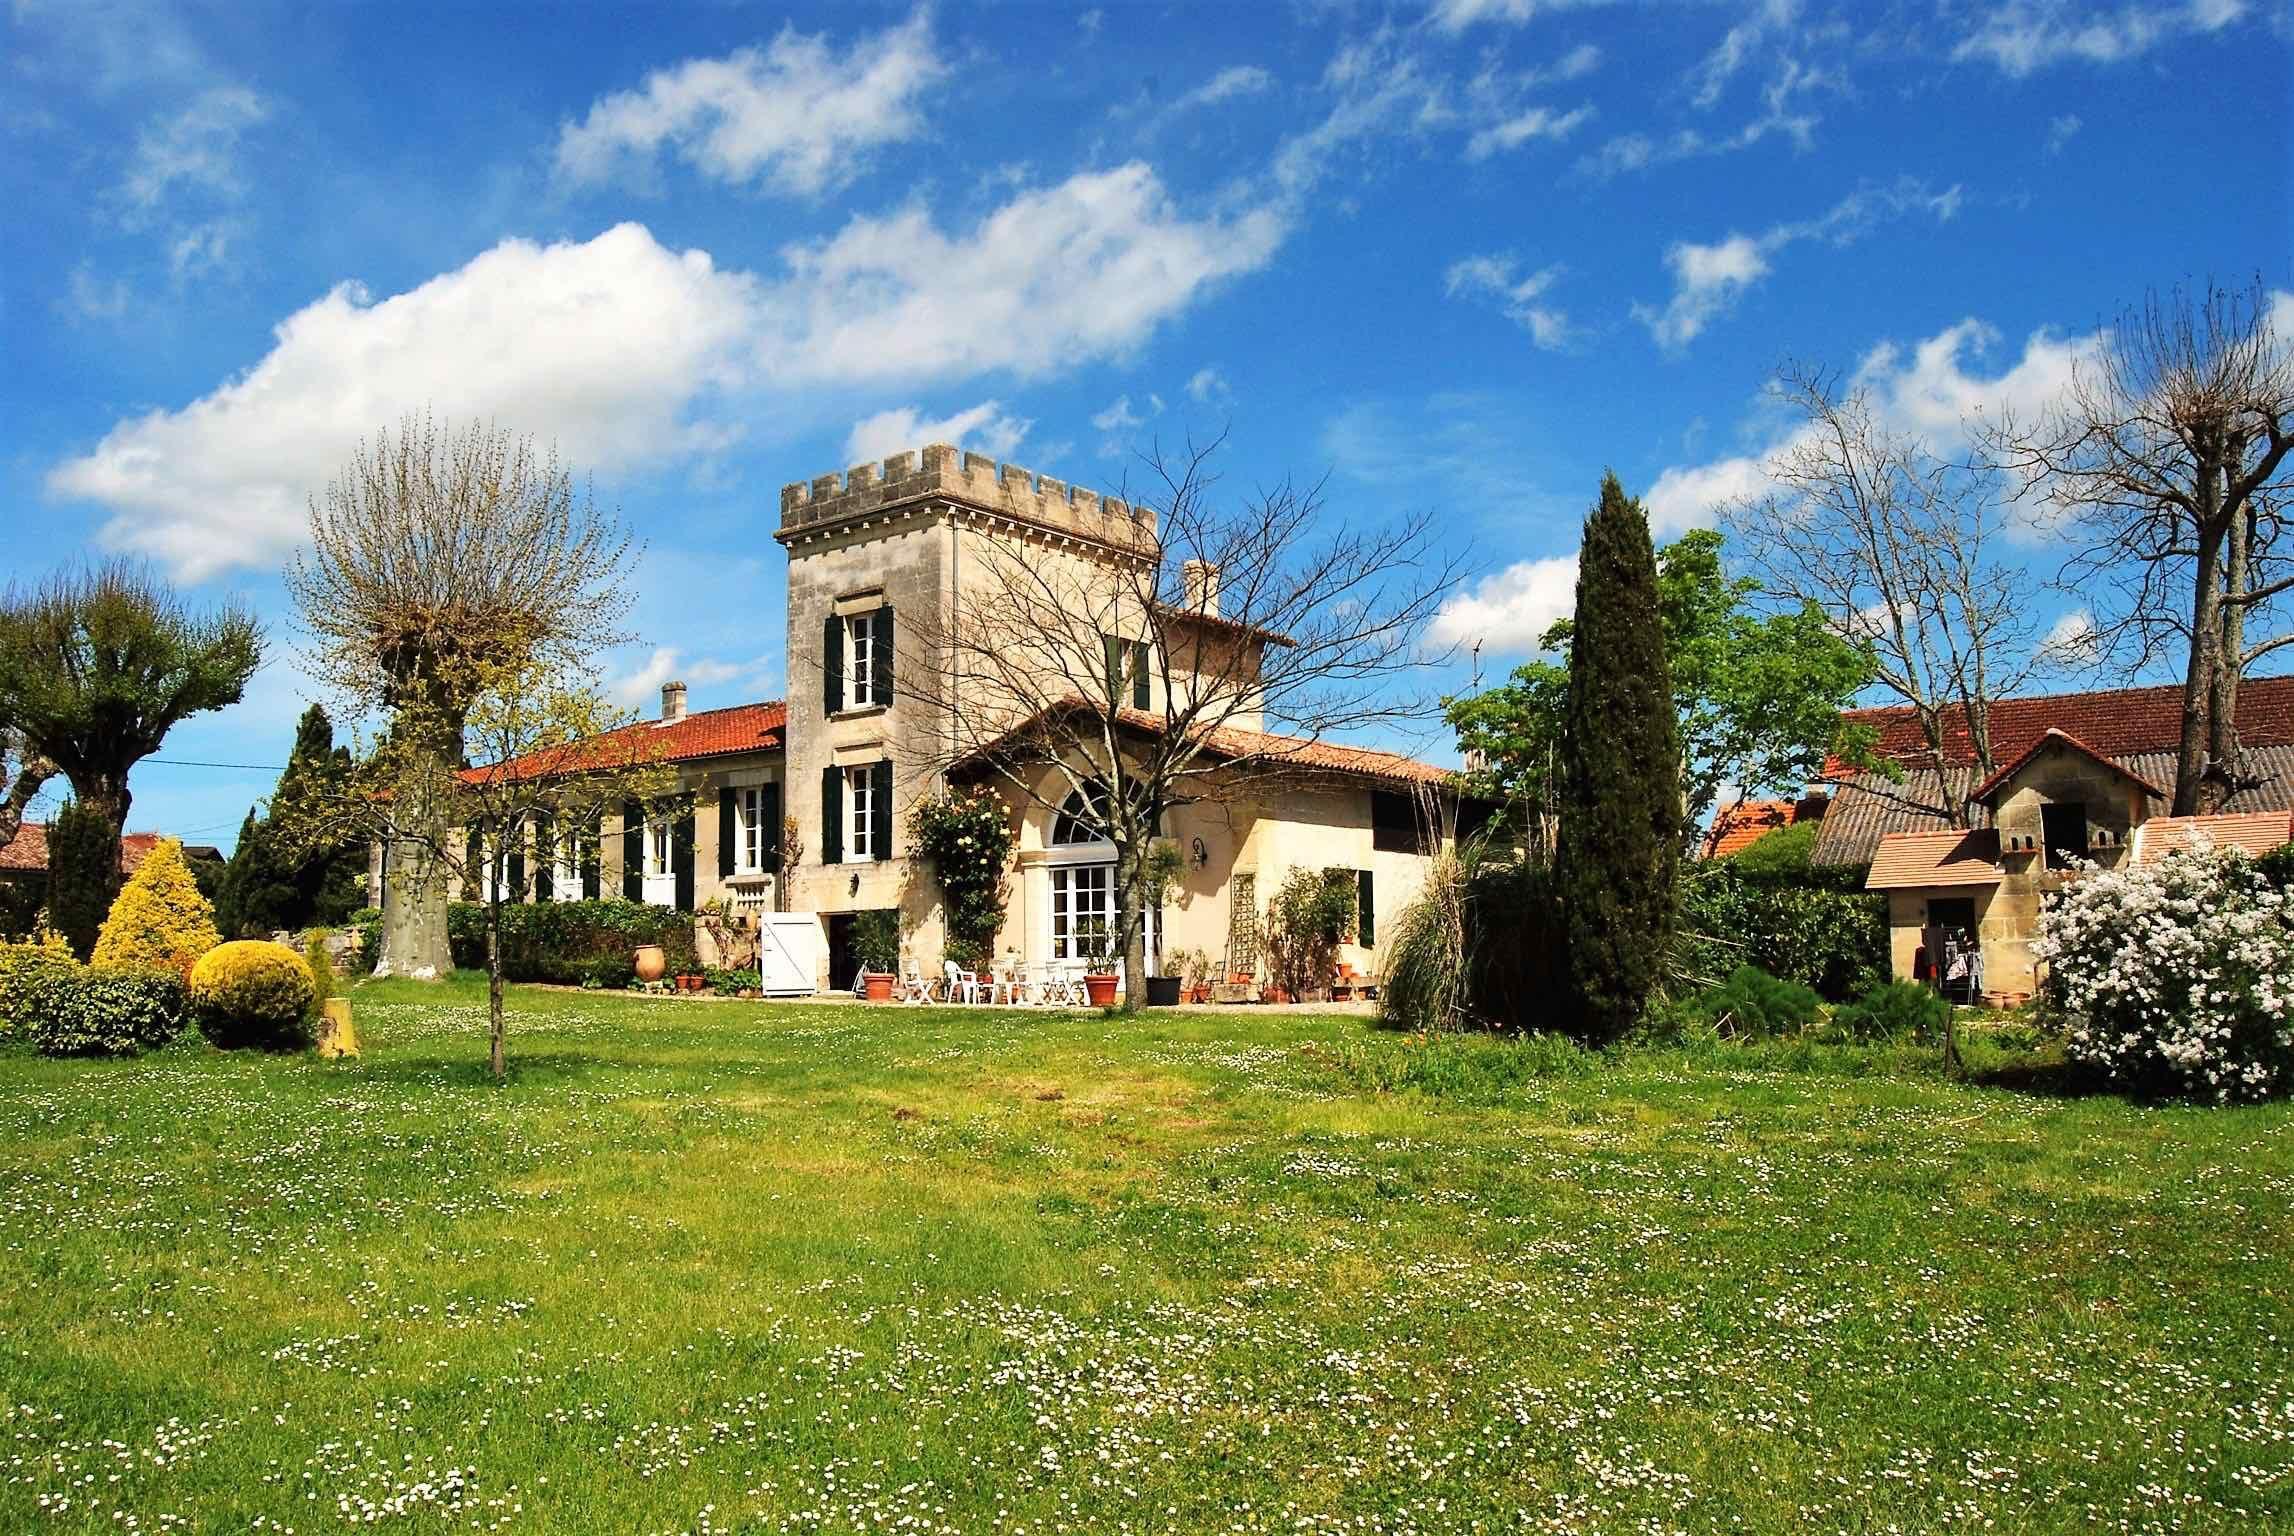 Casa Unifamiliar por un Venta en BORDEAUX 40MN - 18th CENTURY MANOR OF CHARACTER Bordeaux, Aquitania, 33000 Francia